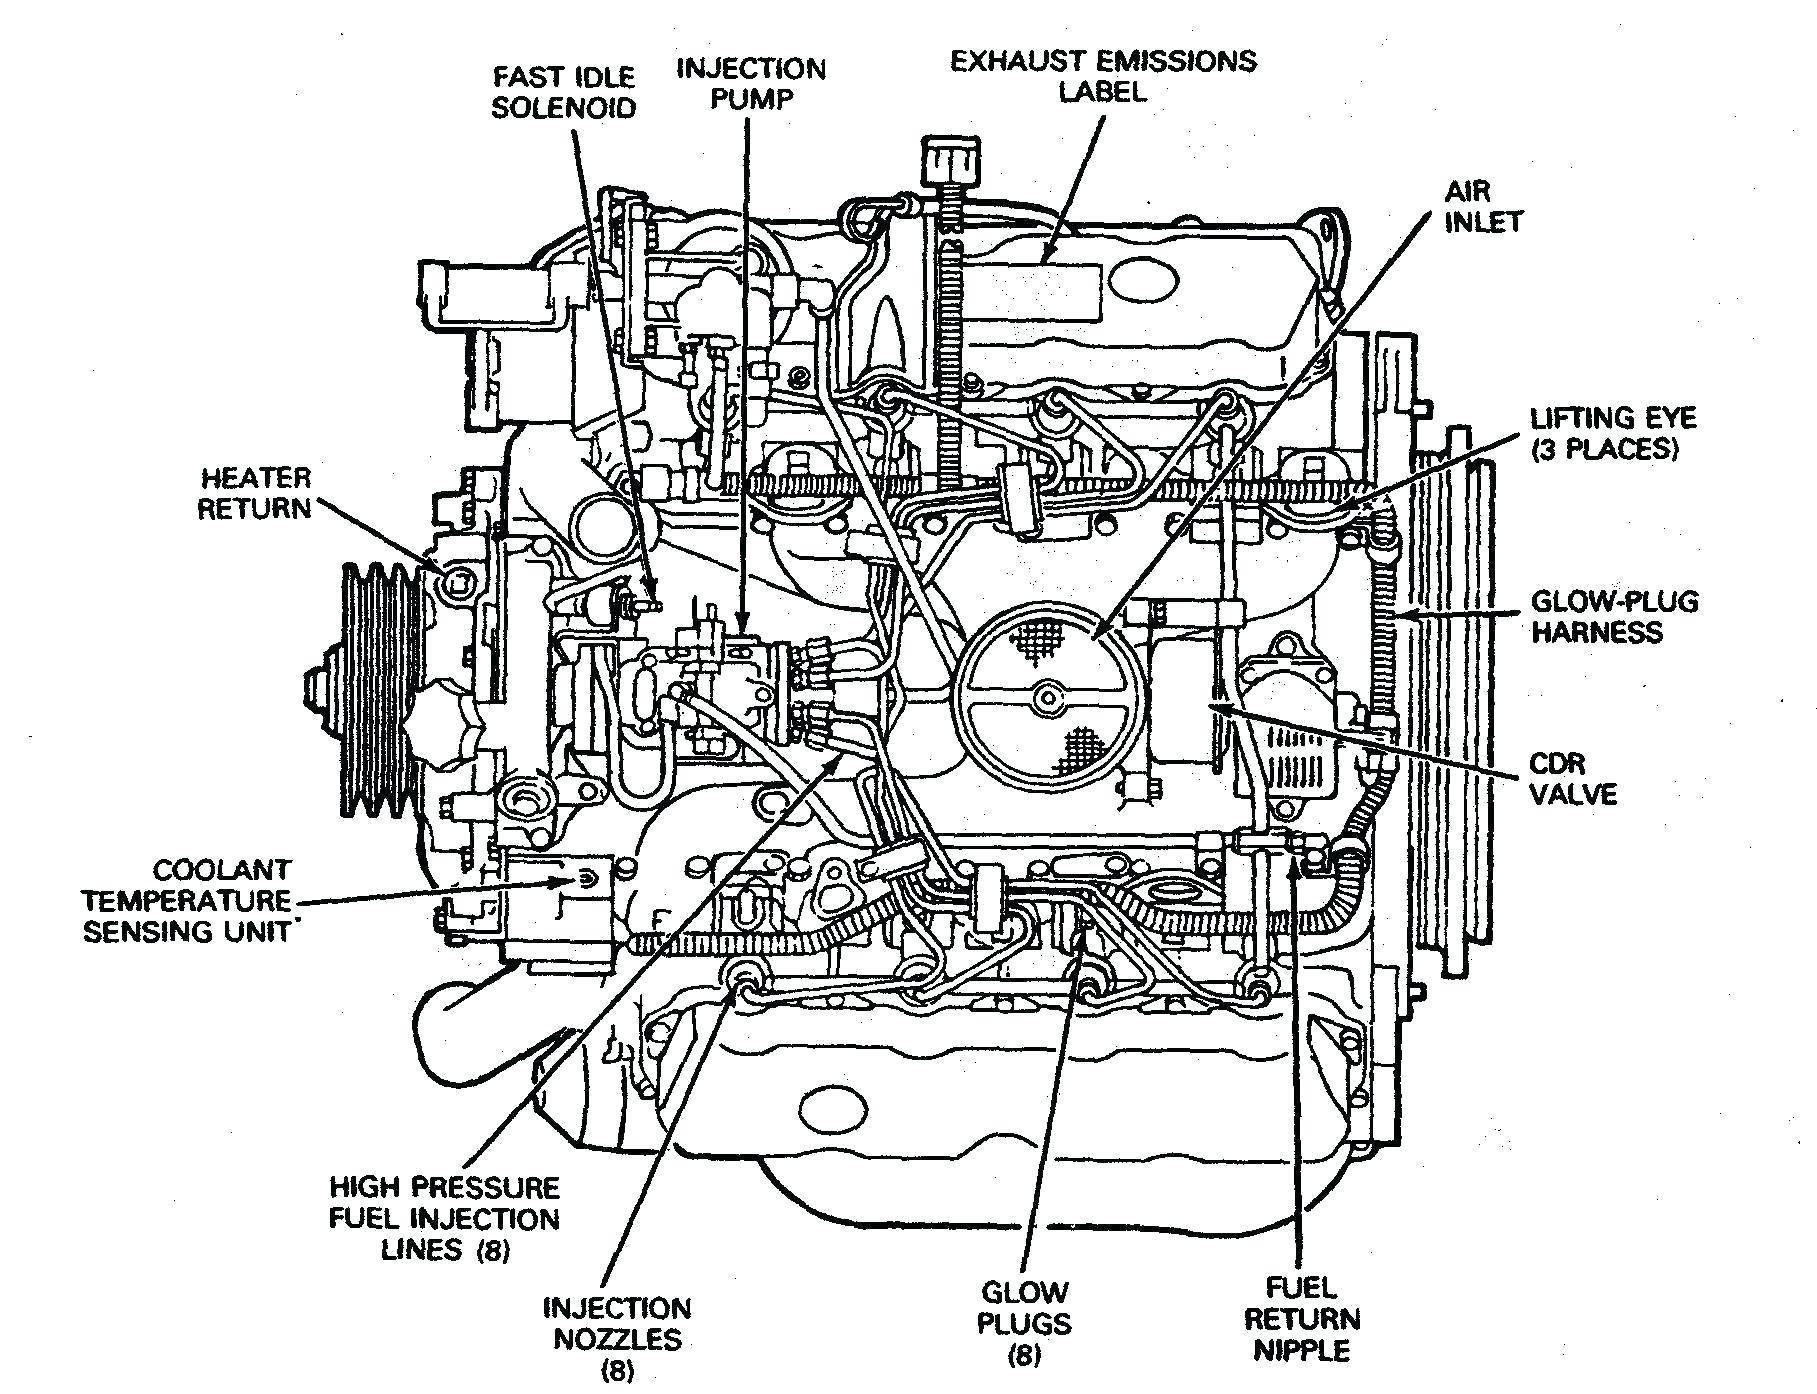 1995 ford explorer engine diagram kawasaki engine parts diagram rh detoxicrecenze com ford 302 engine parts diagram ford 302 engine parts diagram